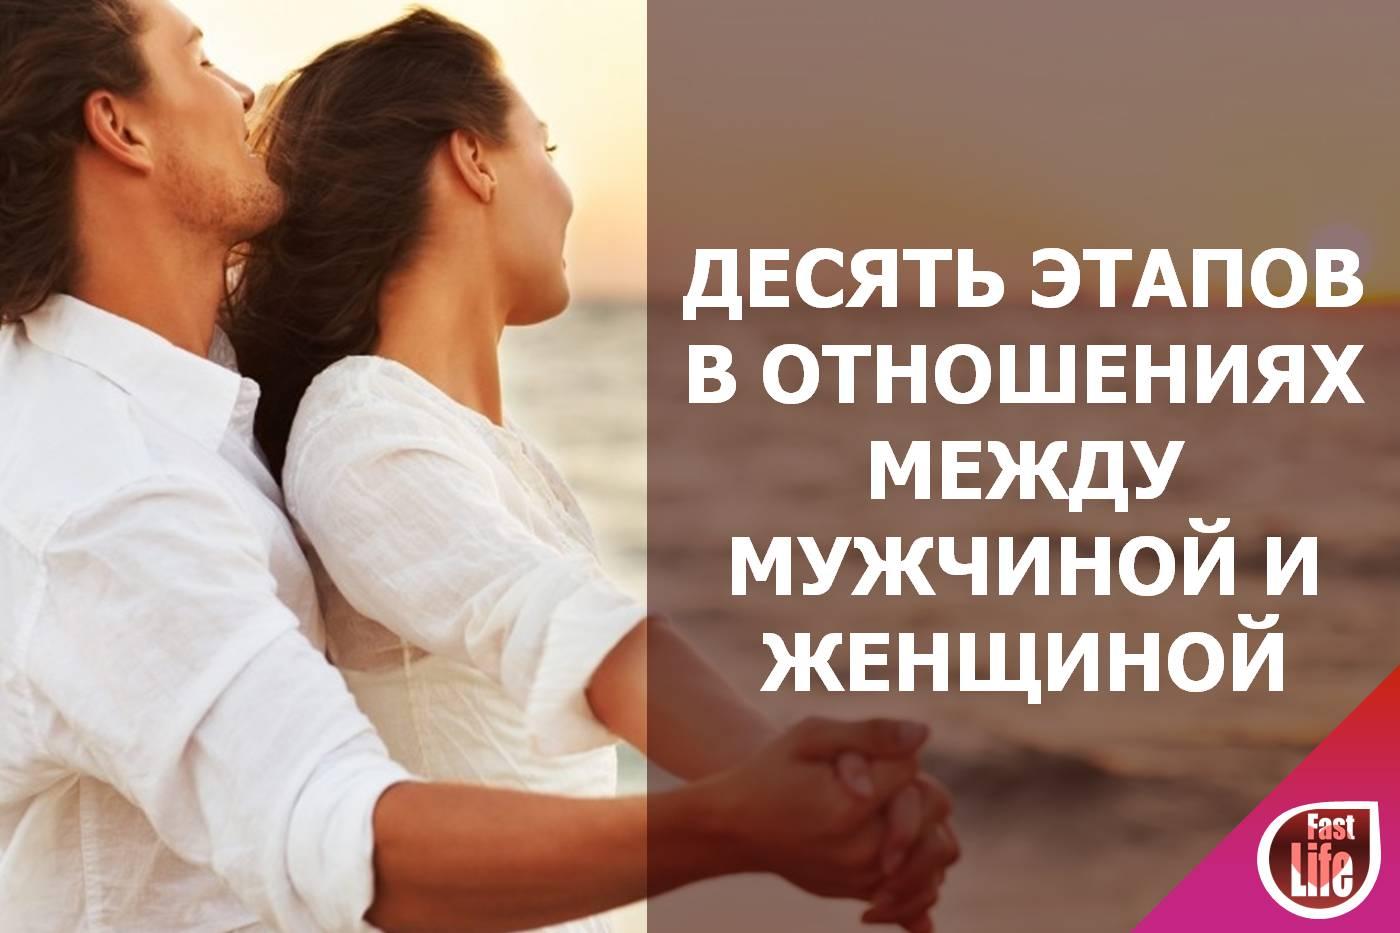 Статусы про отношения между мужчиной